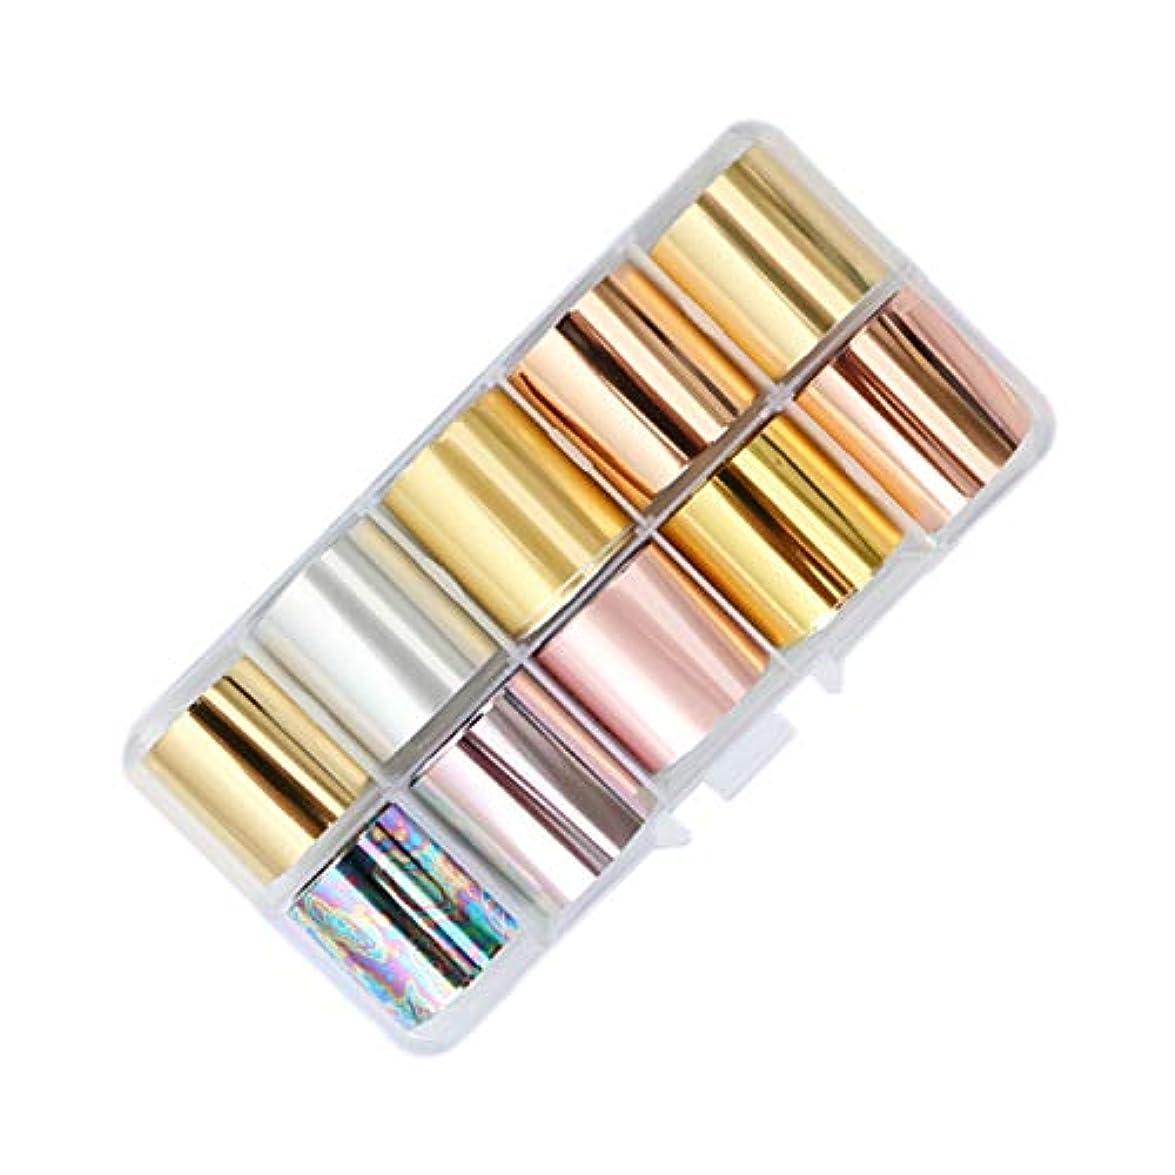 シミュレートする真鍮またはどちらかLALONA ネイルホイル (ミラー&マット系10個セット) ジェルネイル ネイルアート ホログラム 金箔